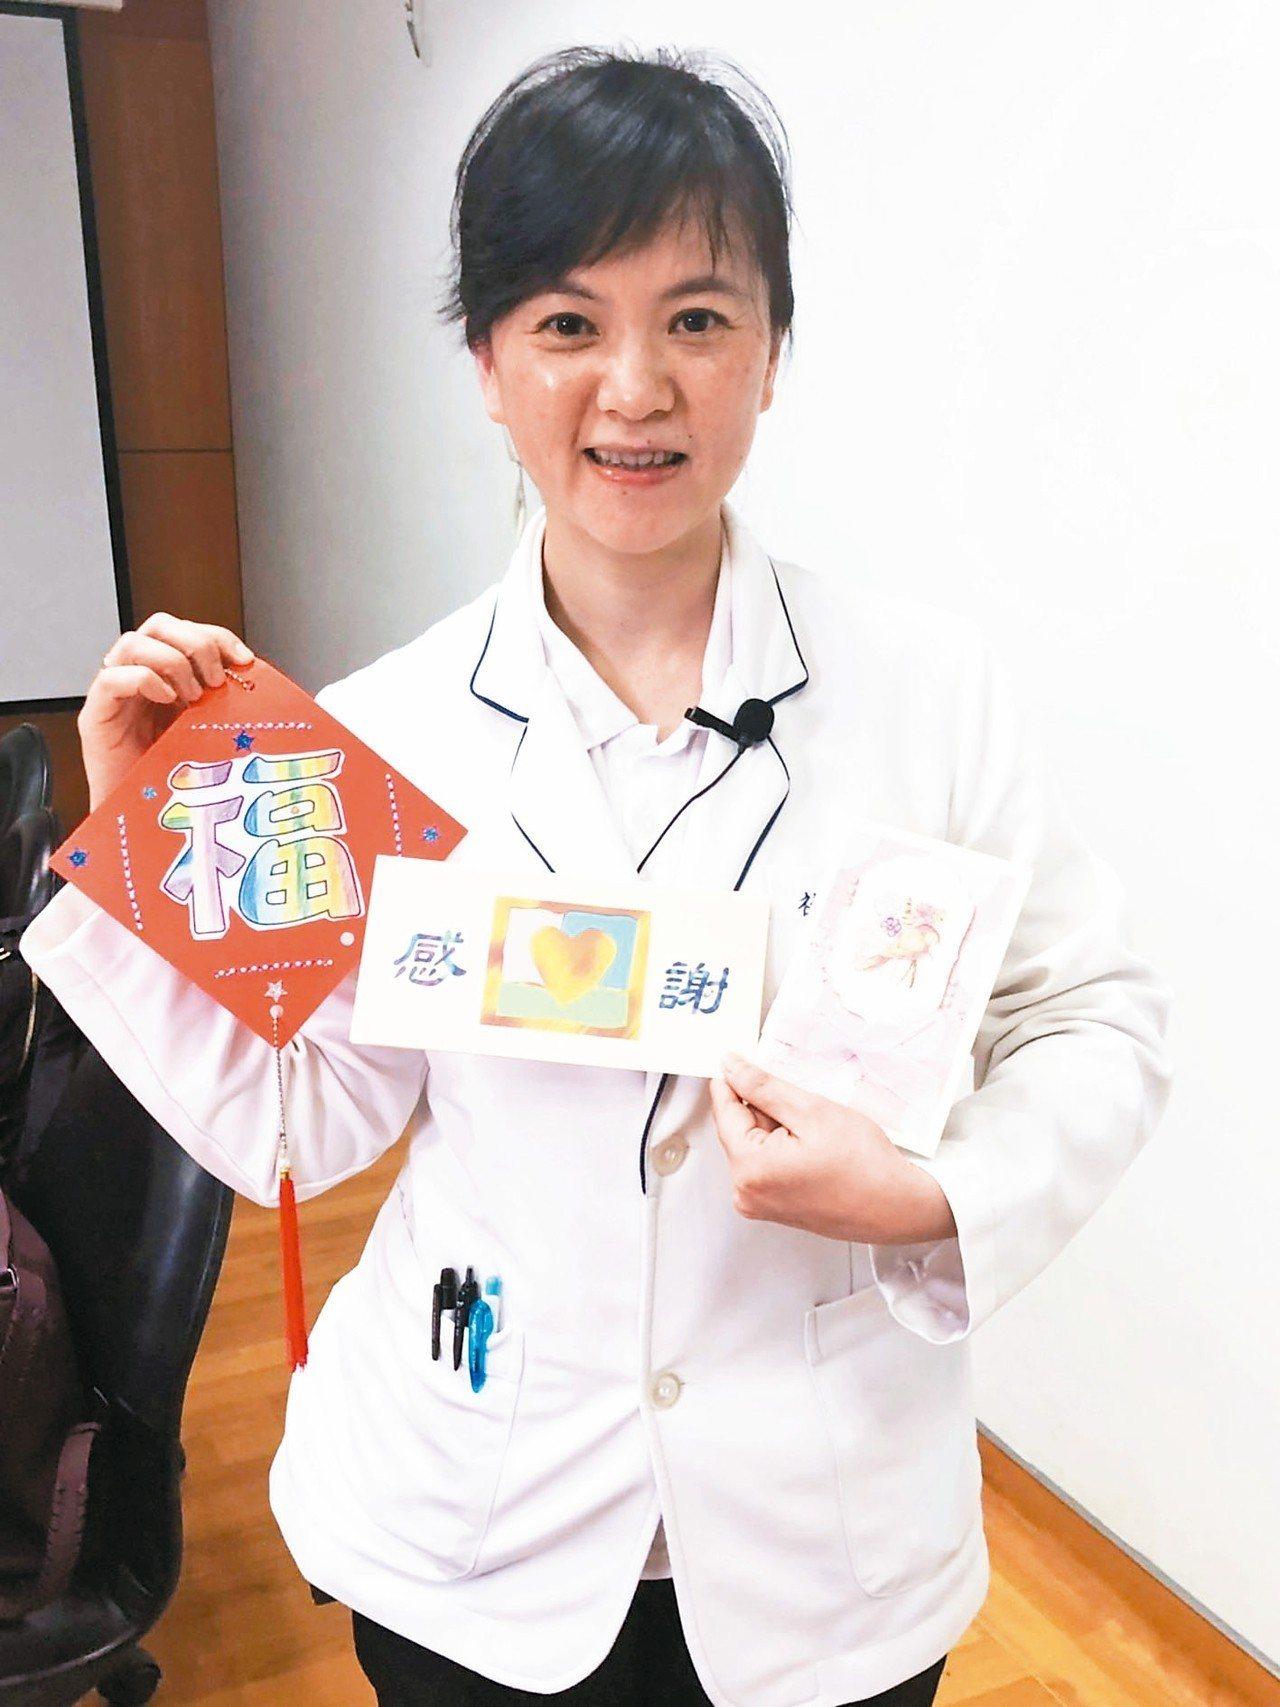 台北慈濟醫院社工師林資菁從事器捐勸募22年,陪伴家屬走過悲傷,至今不少家屬常寫卡...